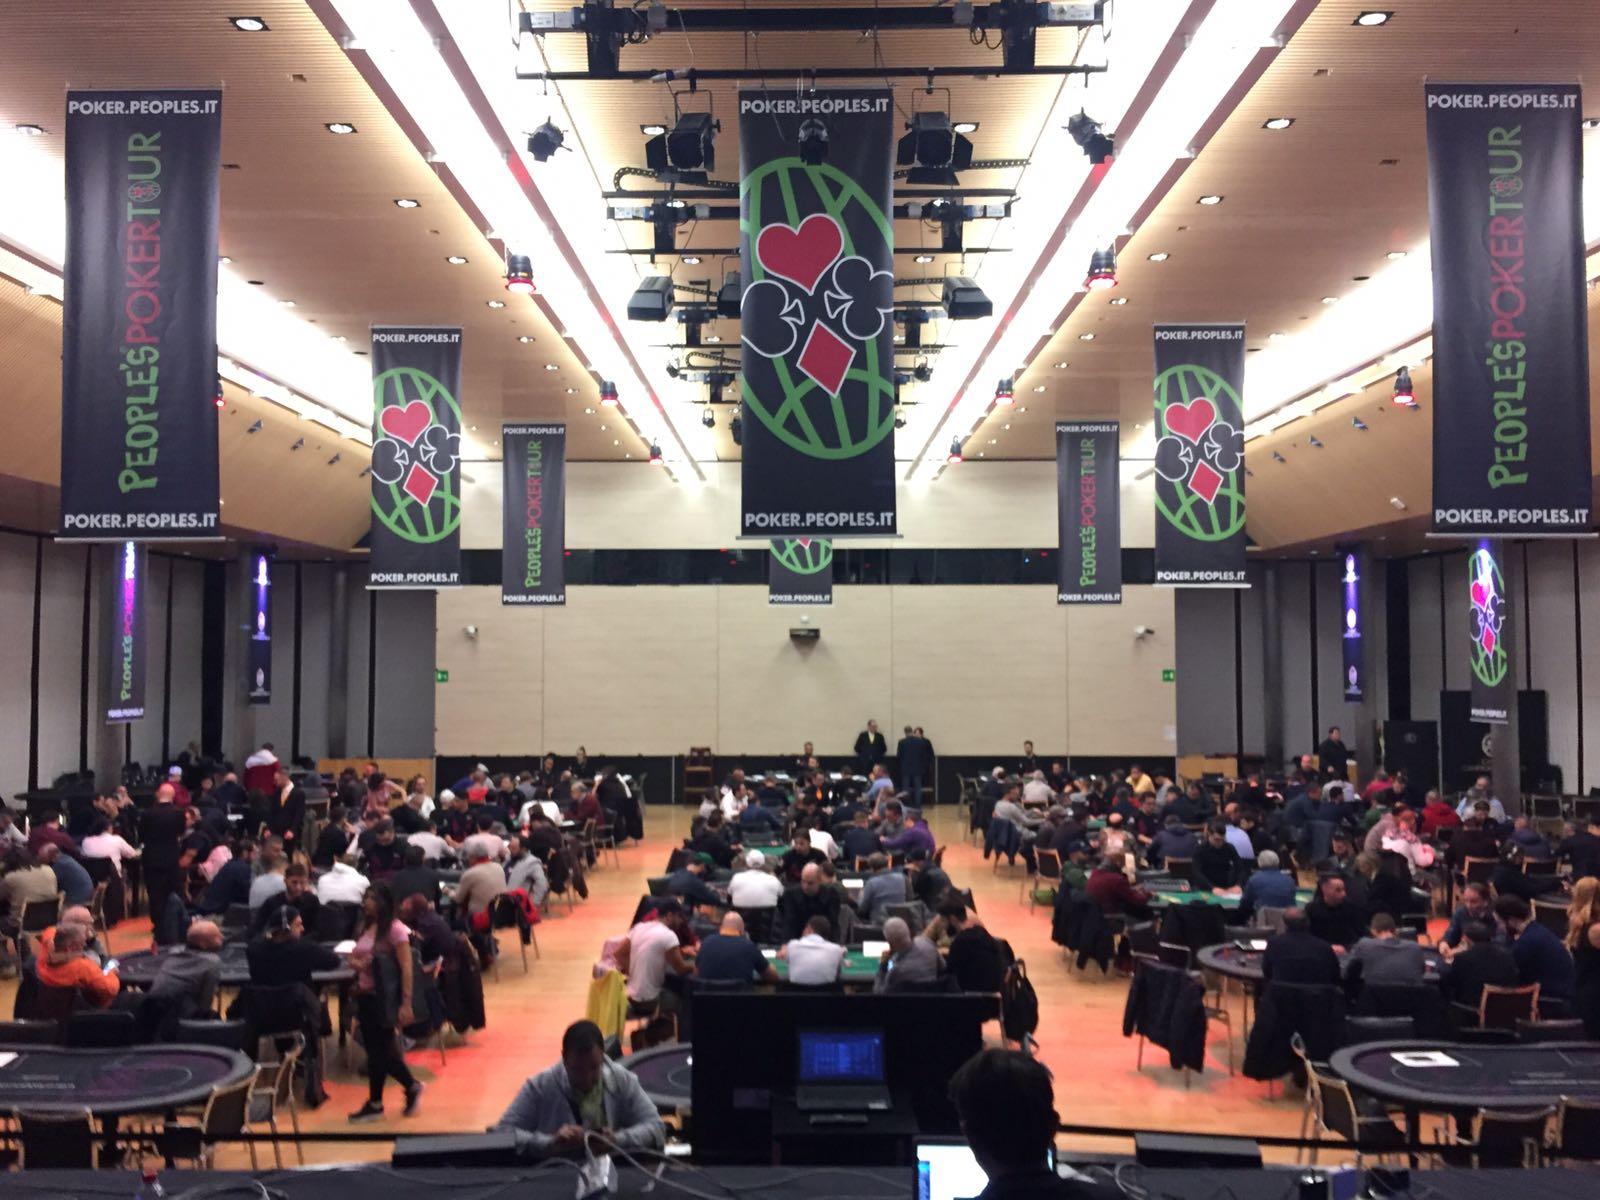 Il People's Poker Tour è partito! Interazione con la diretta grazie all'hashtag #PPTourXXX